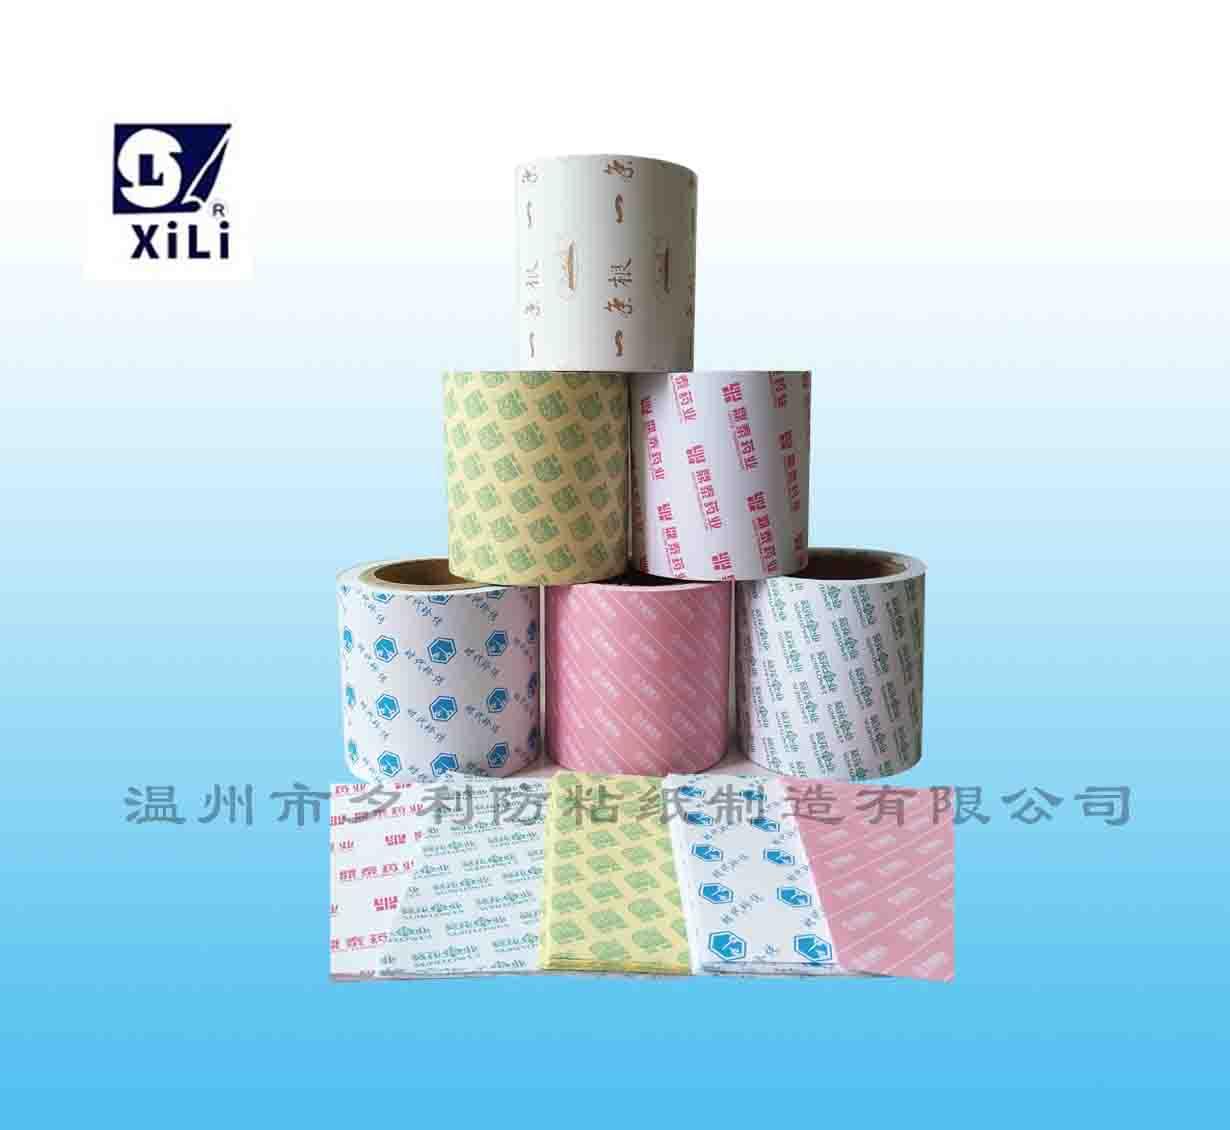 温州夕利公司为您提供优质的离型纸_深圳离型纸